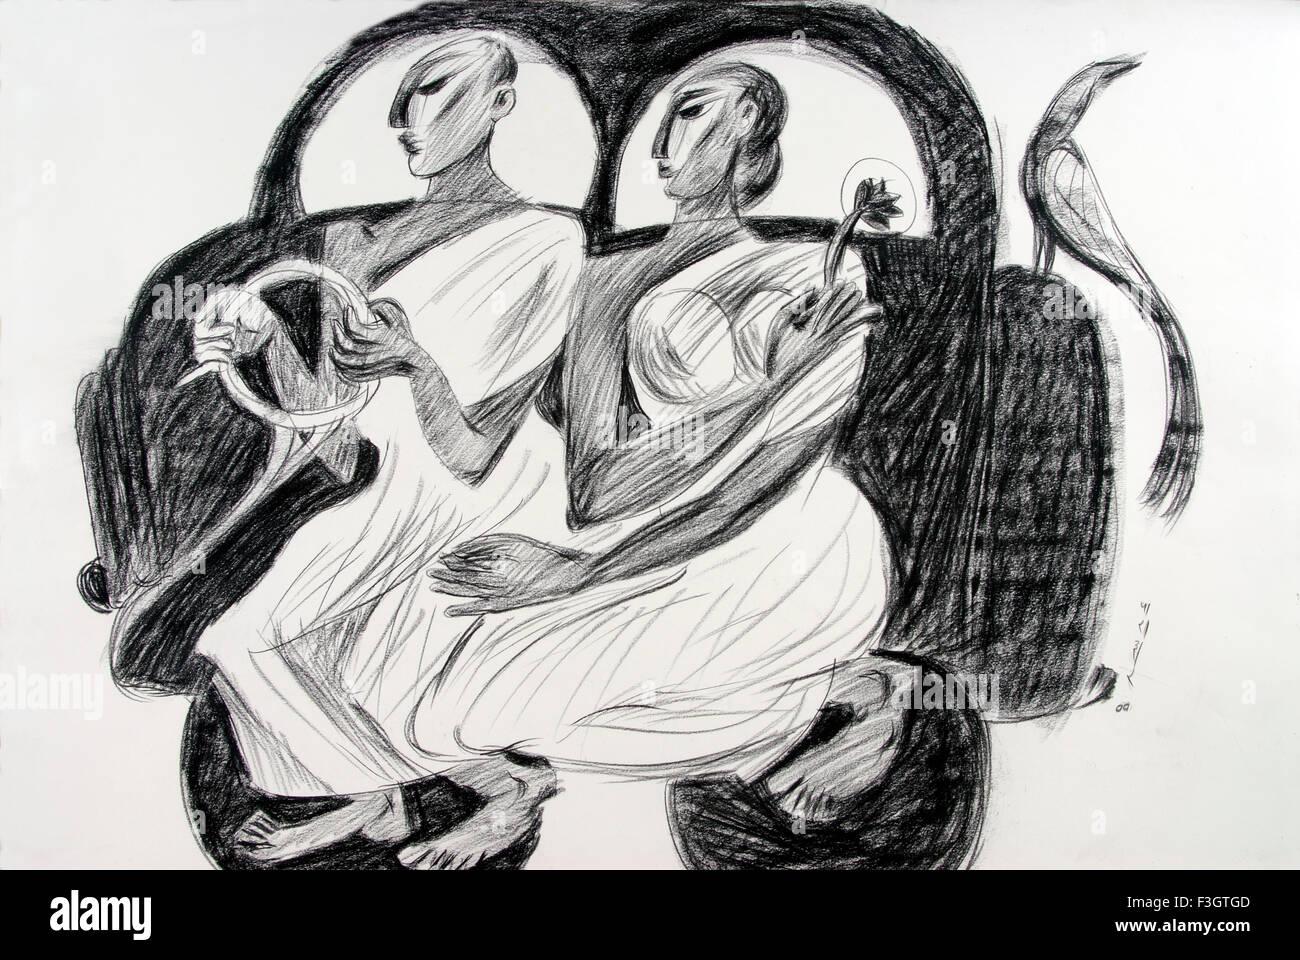 O homem e a mulher no carro com um pássaro desenho no papel feito à mão de carvão